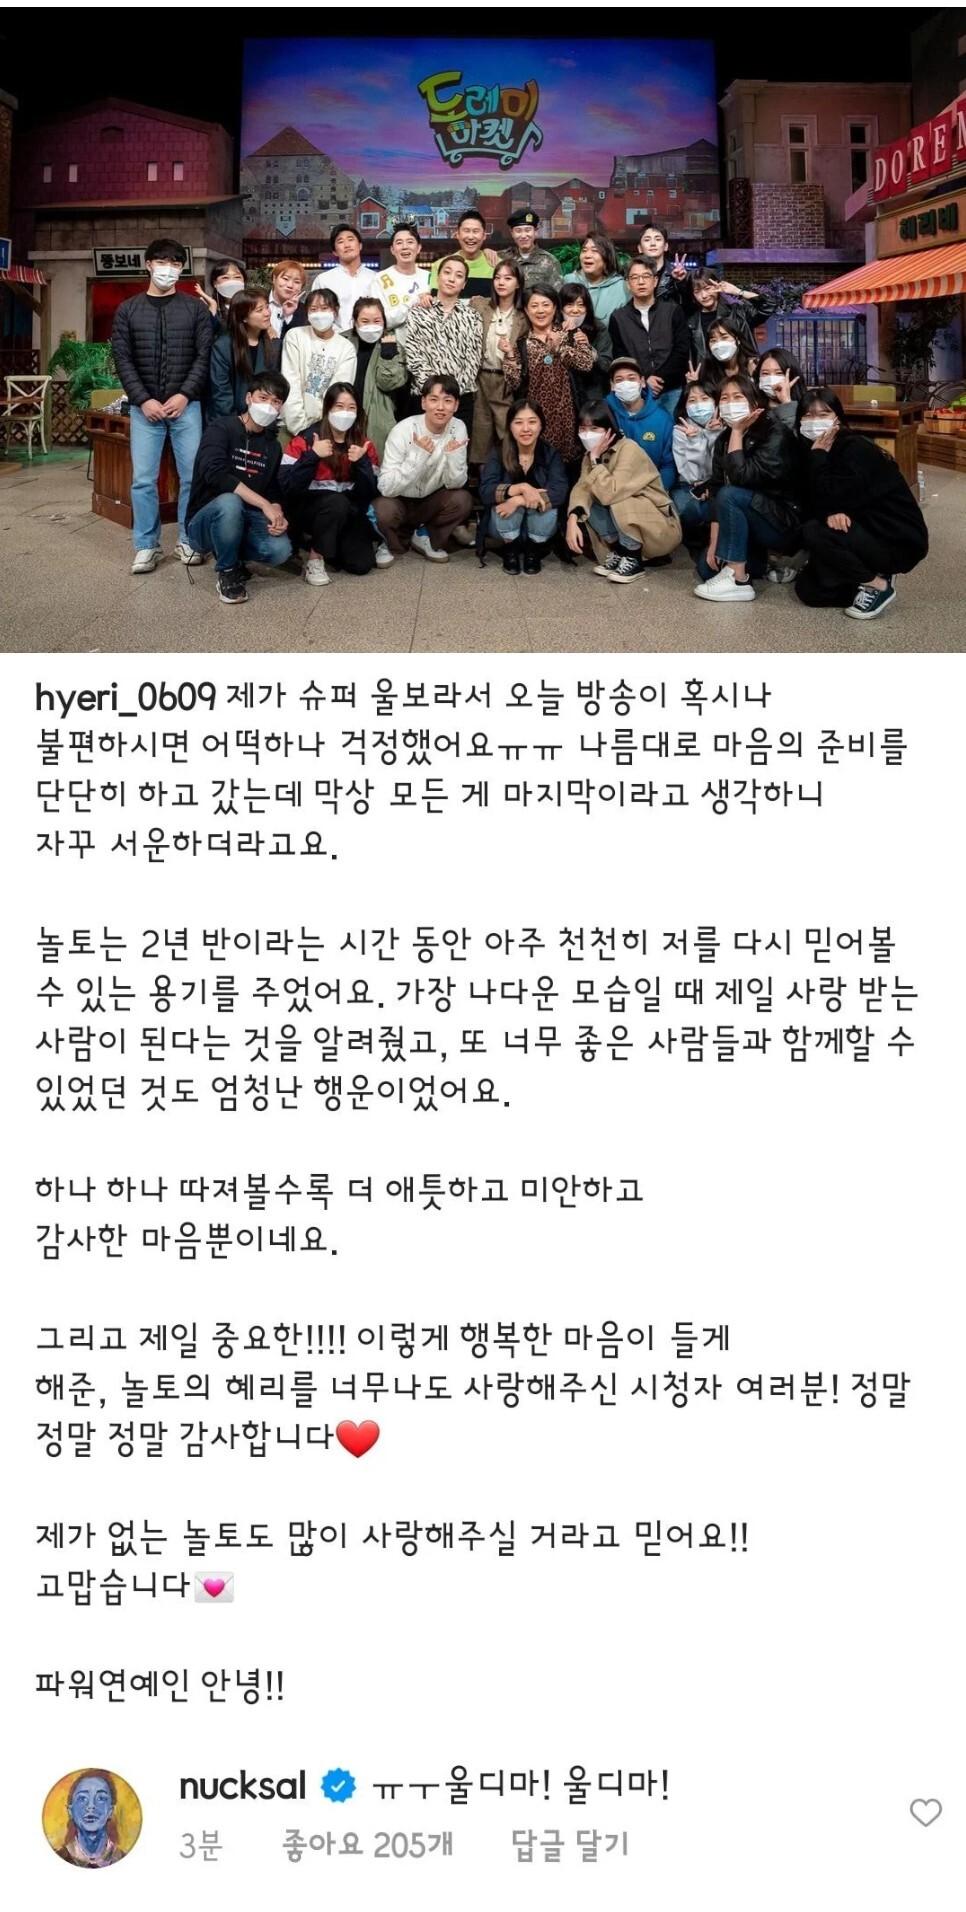 놀토 혜리 멤버들이랑 마지막 사진